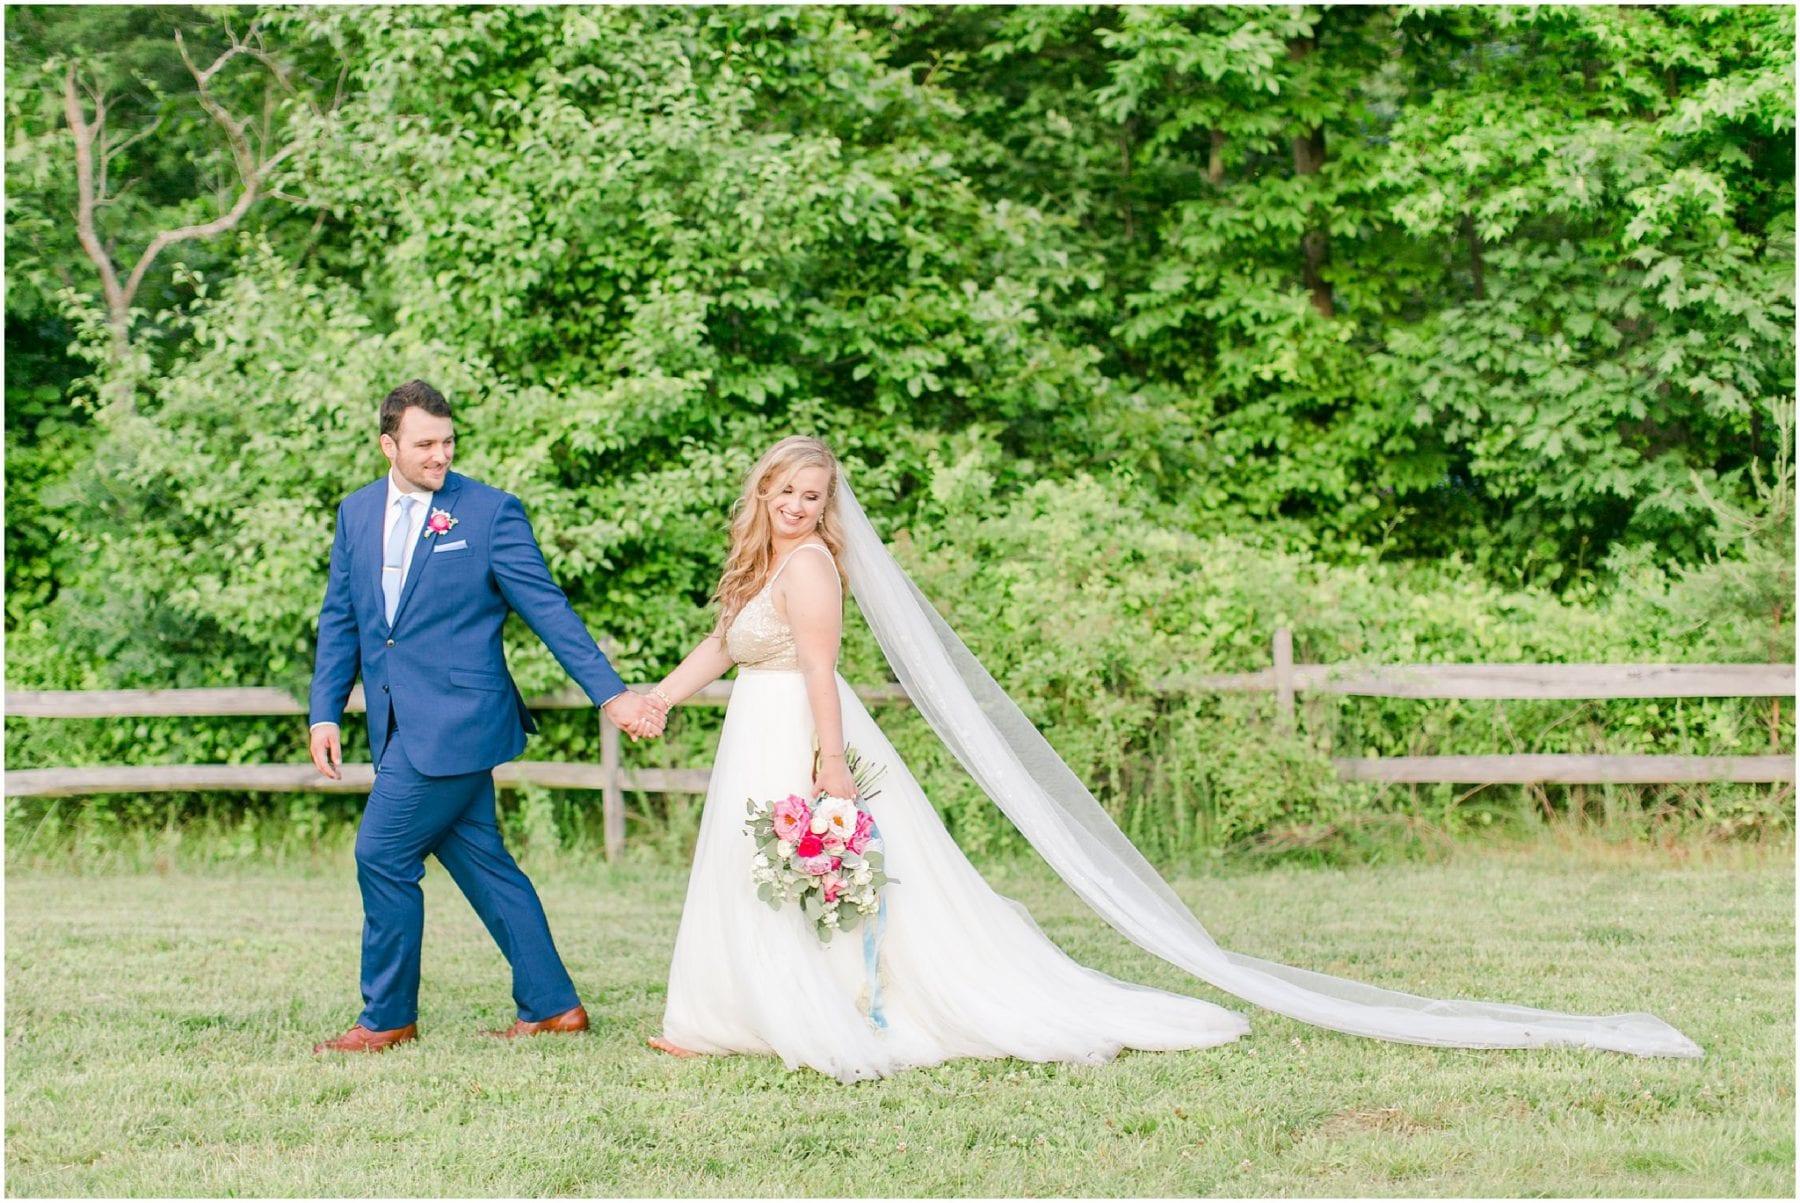 Maryland Backyard Wedding Photos Kelly & Zach Megan Kelsey Photography-251.jpg